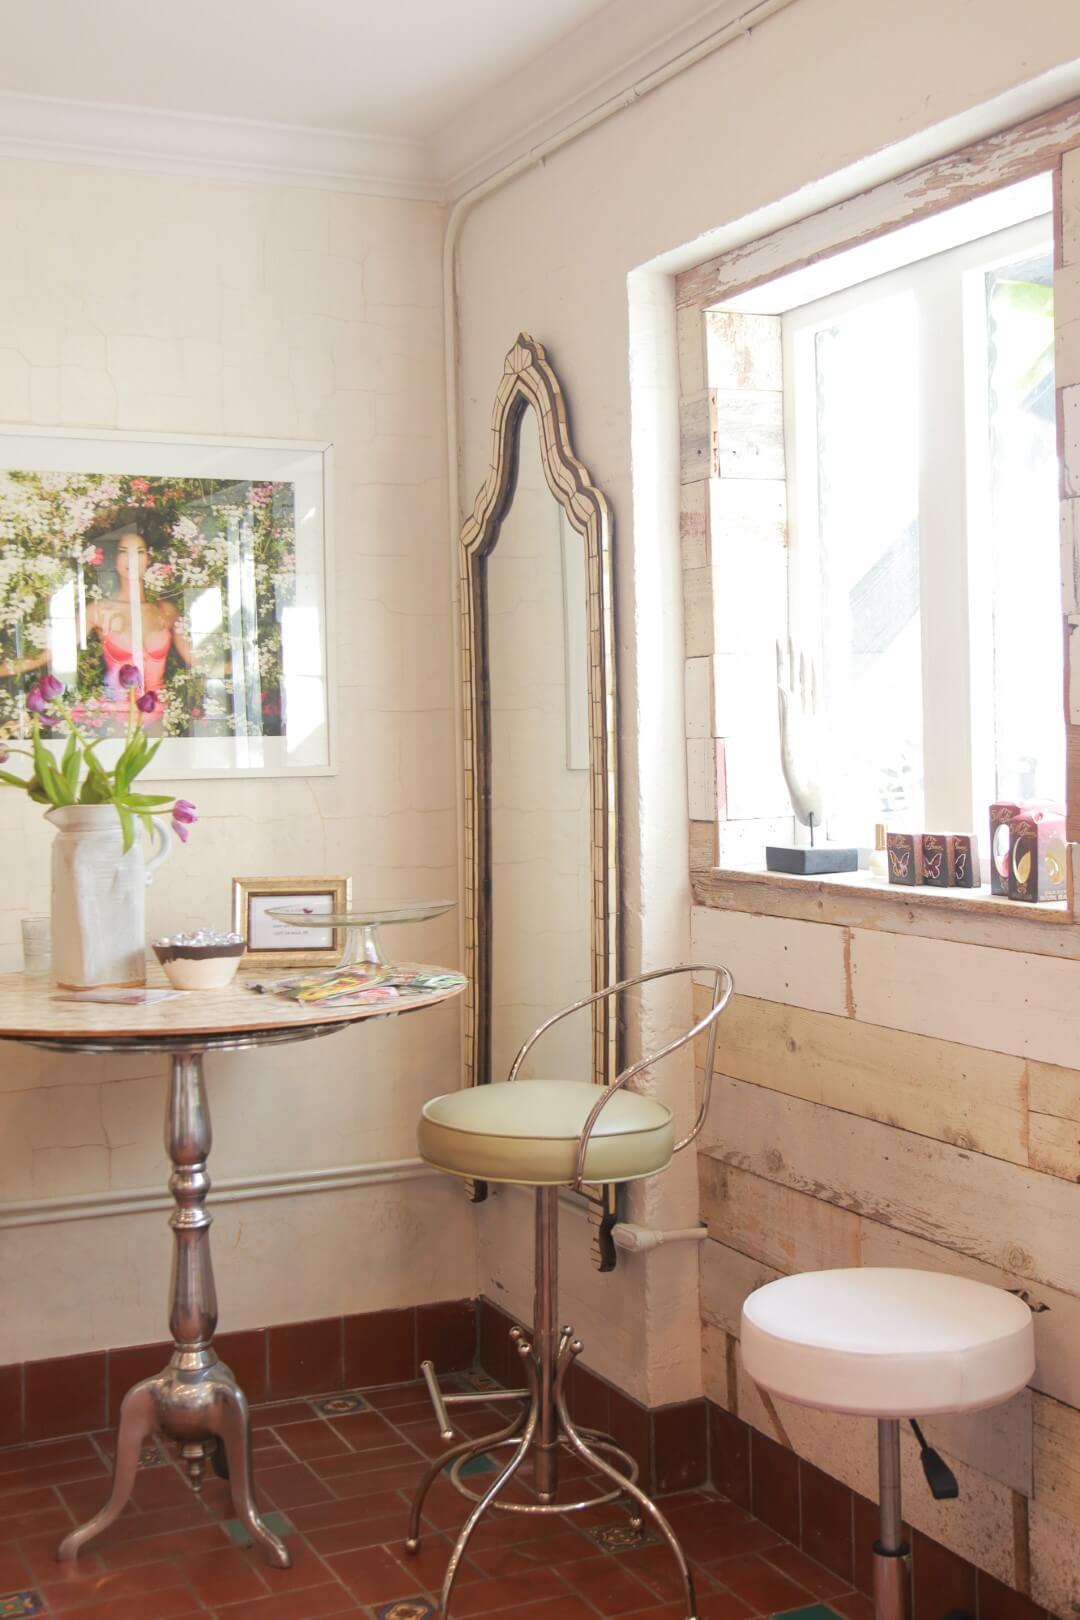 A unique salon glamifornia - Salon boho chic ...